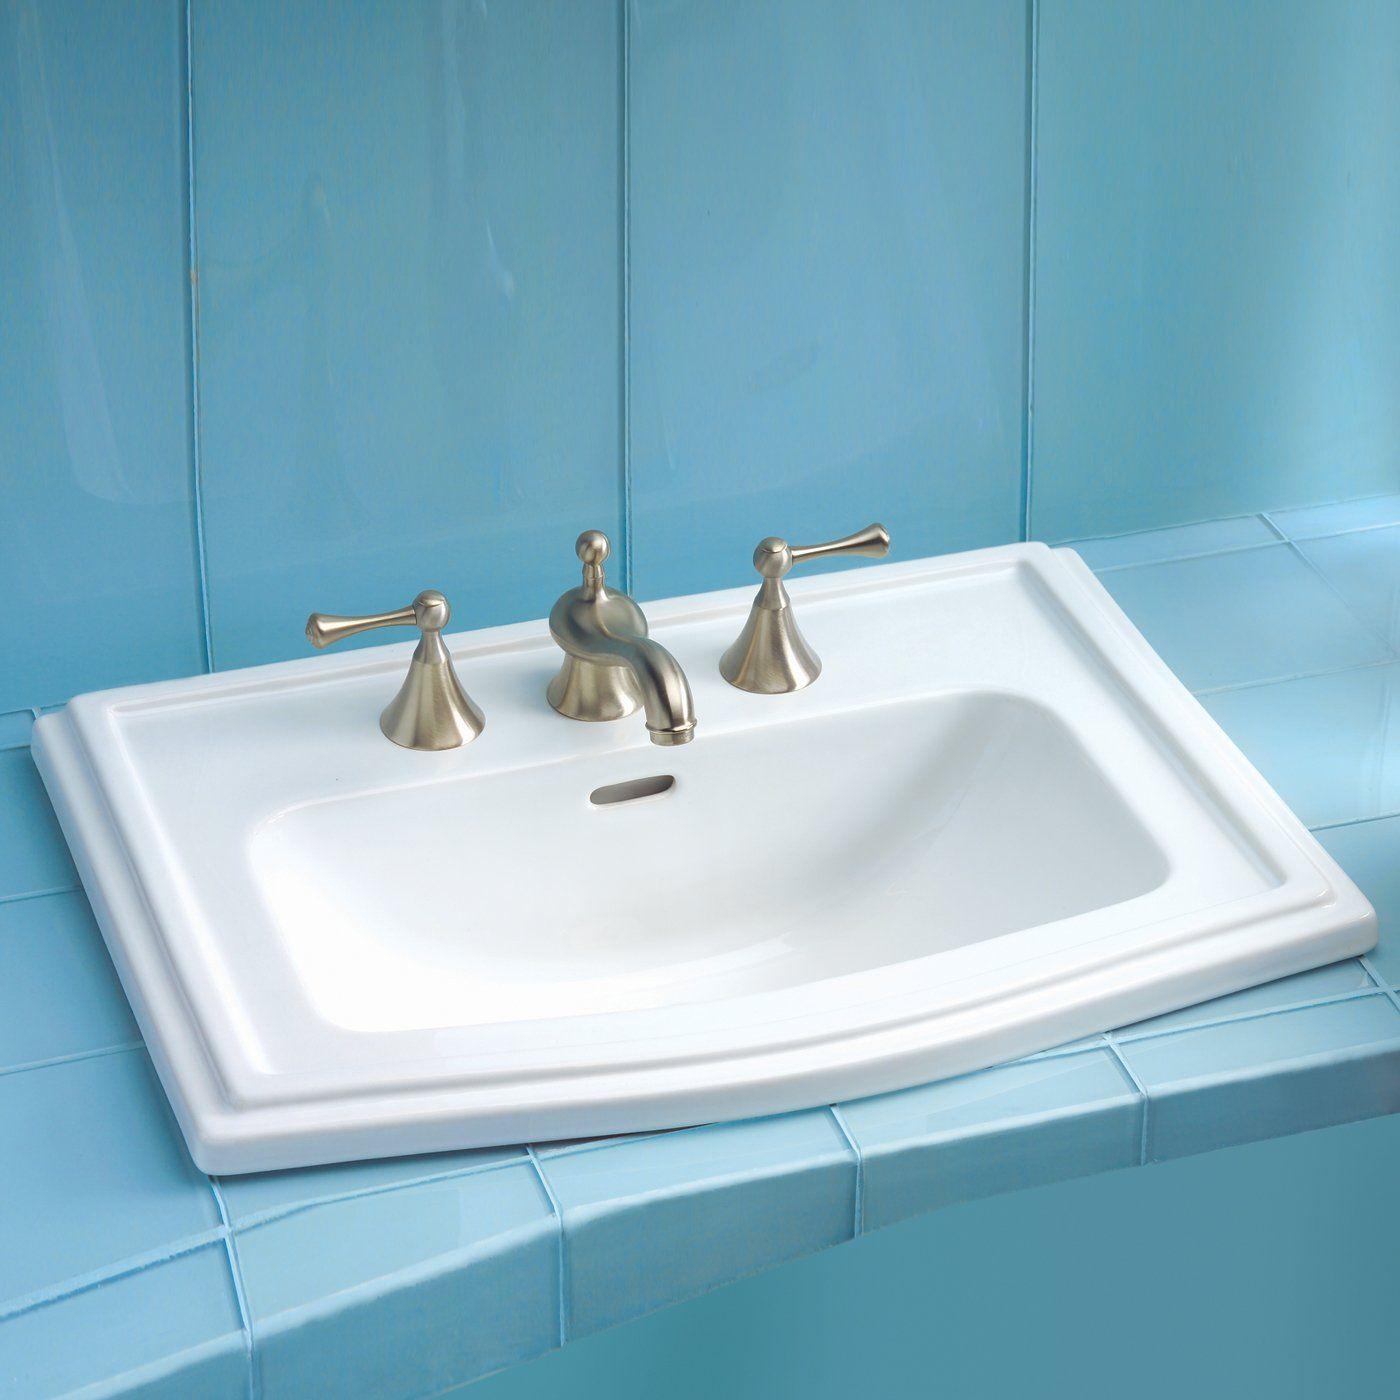 Bathroom sinks toto | ideas | Pinterest | Sinks, Ikea bathroom and ...